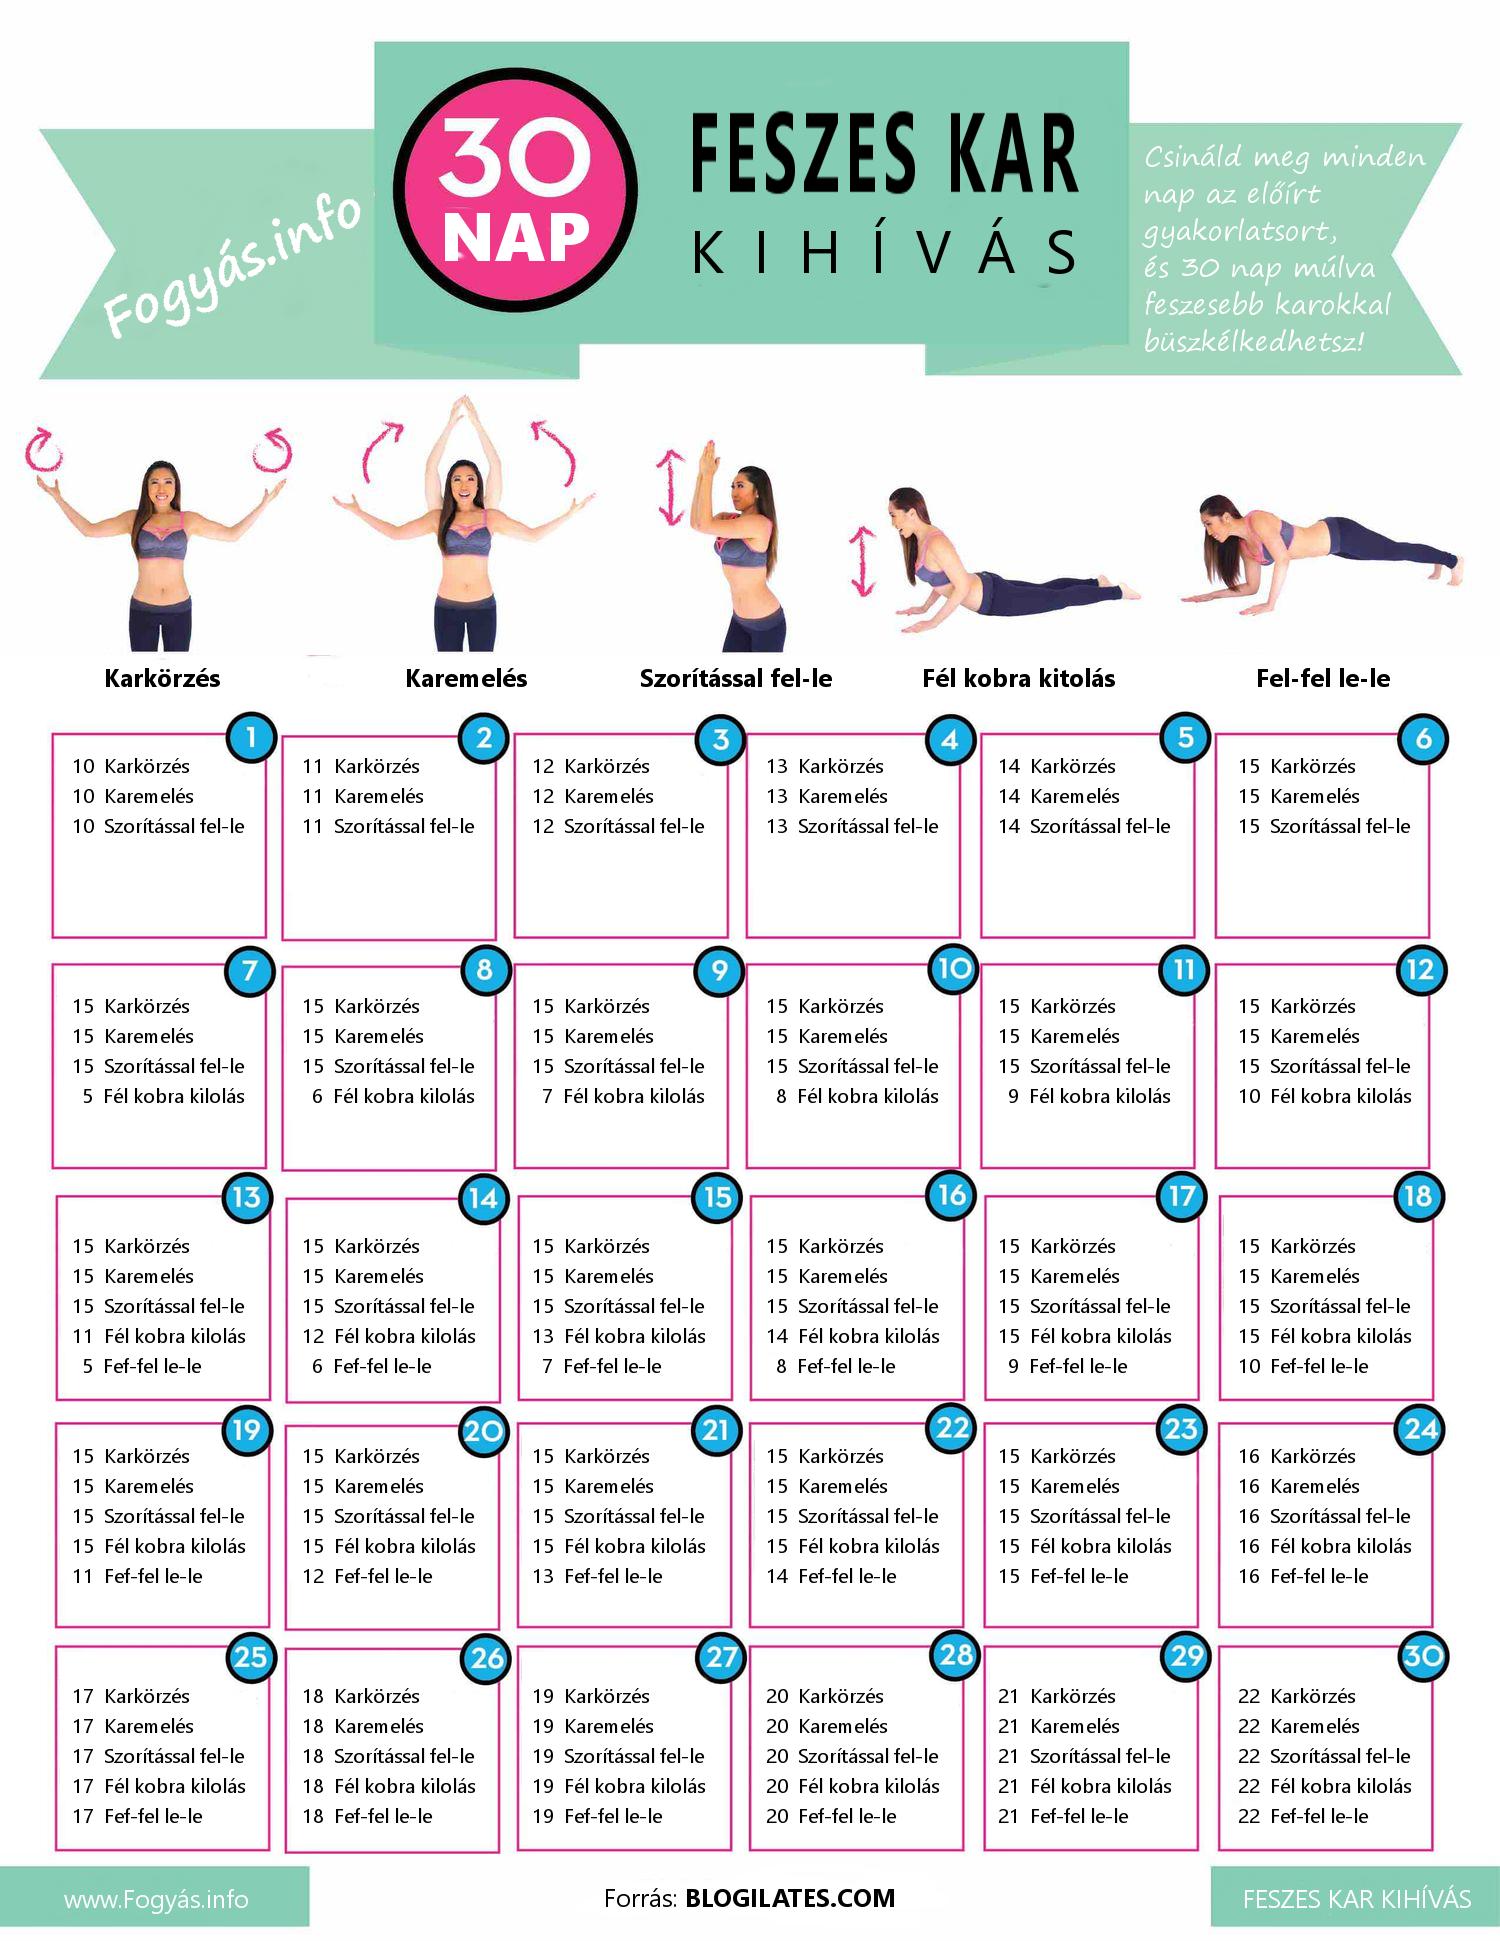 30 fogyás kihívás